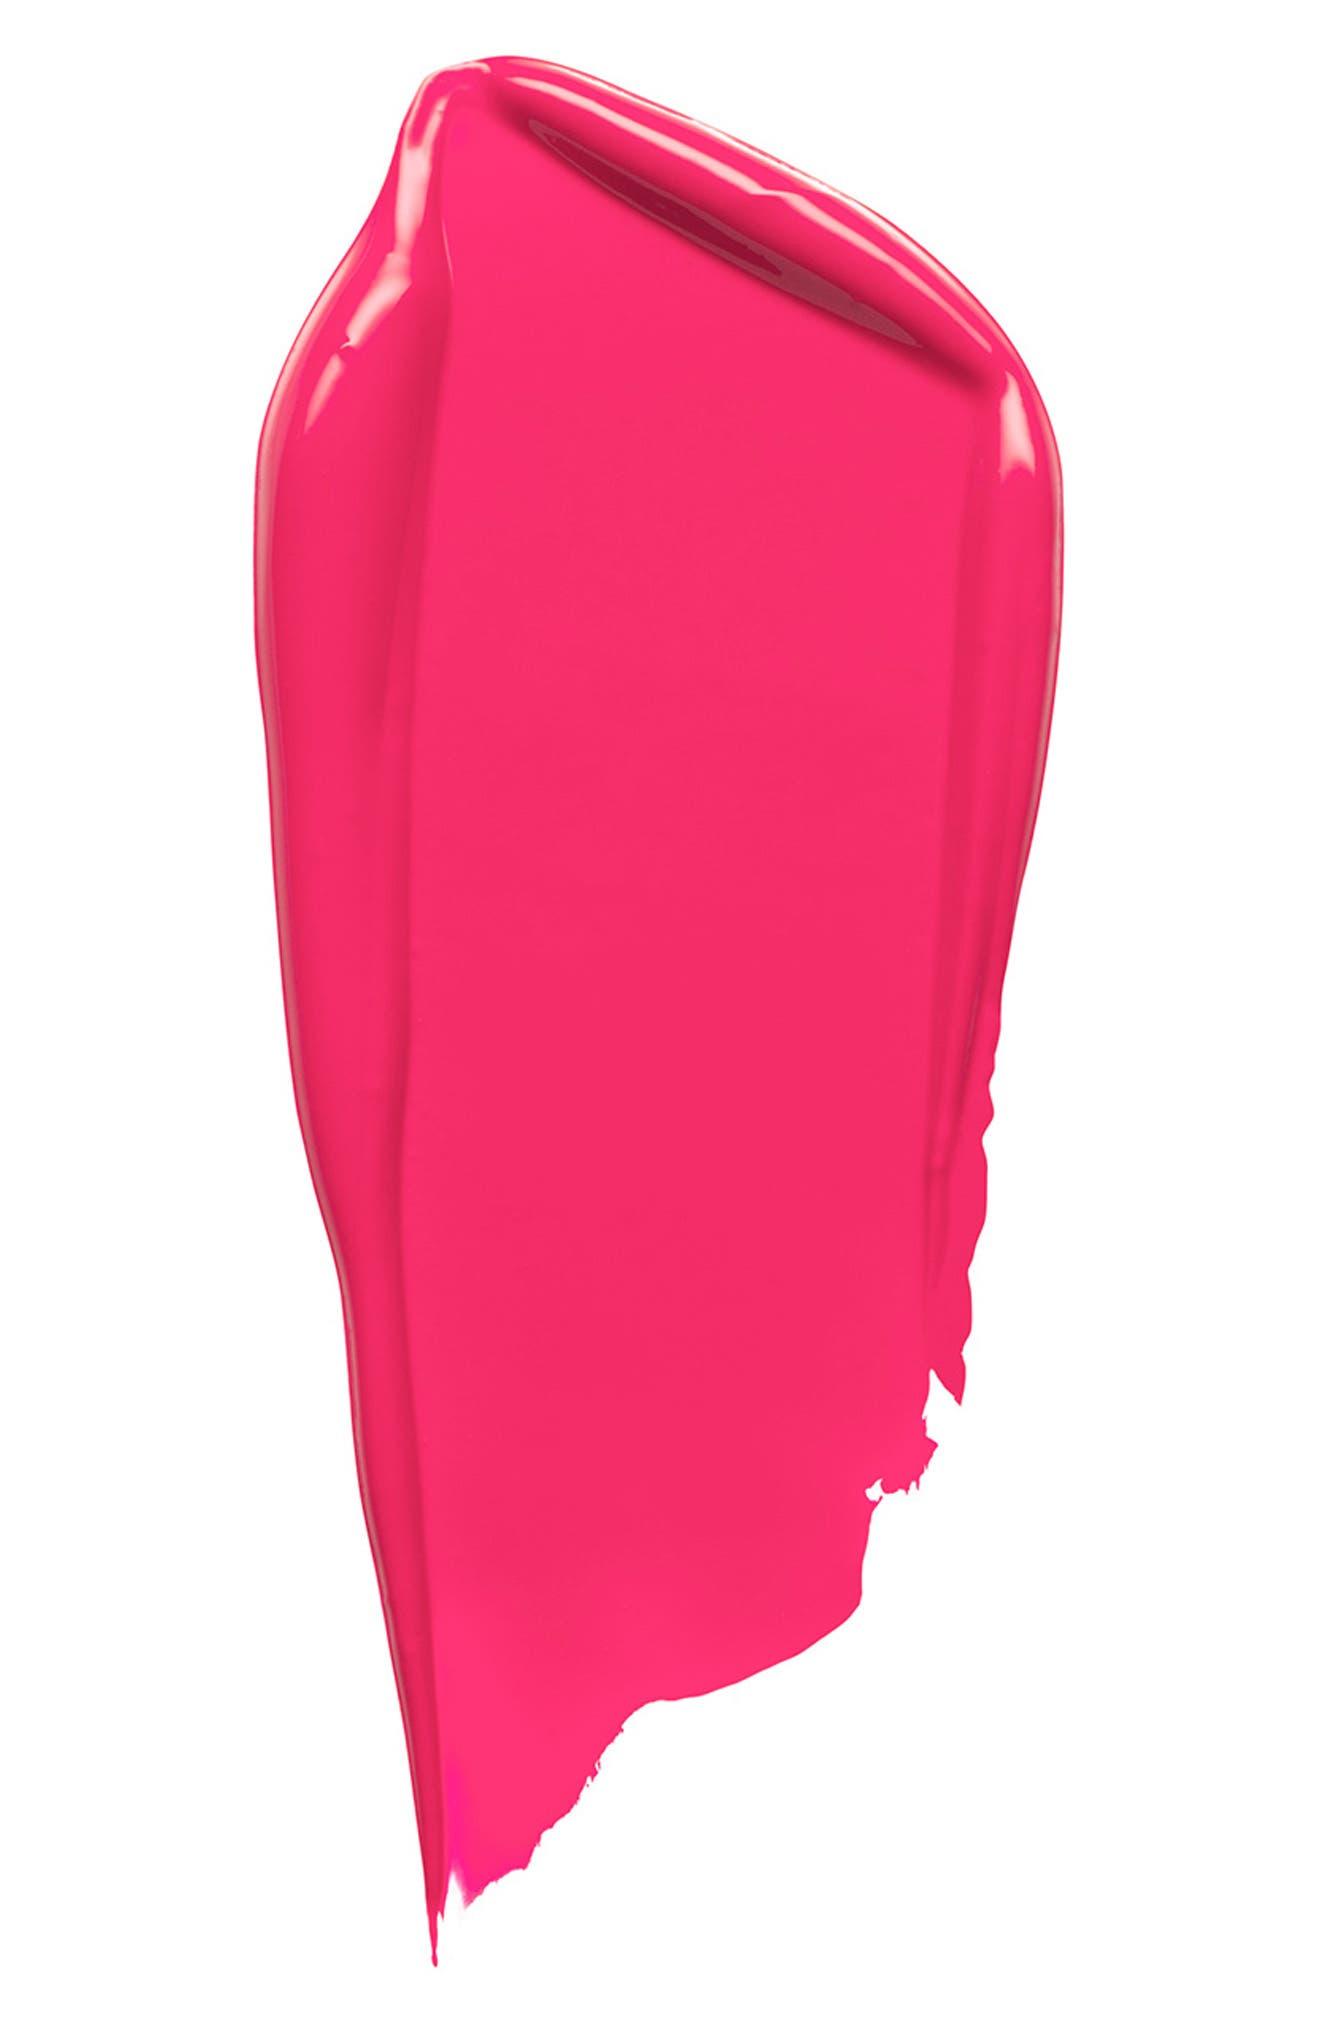 Pure Color Desire Rouge Excess Crème Lipstick,                             Alternate thumbnail 3, color,                             DISTRACT-CREME